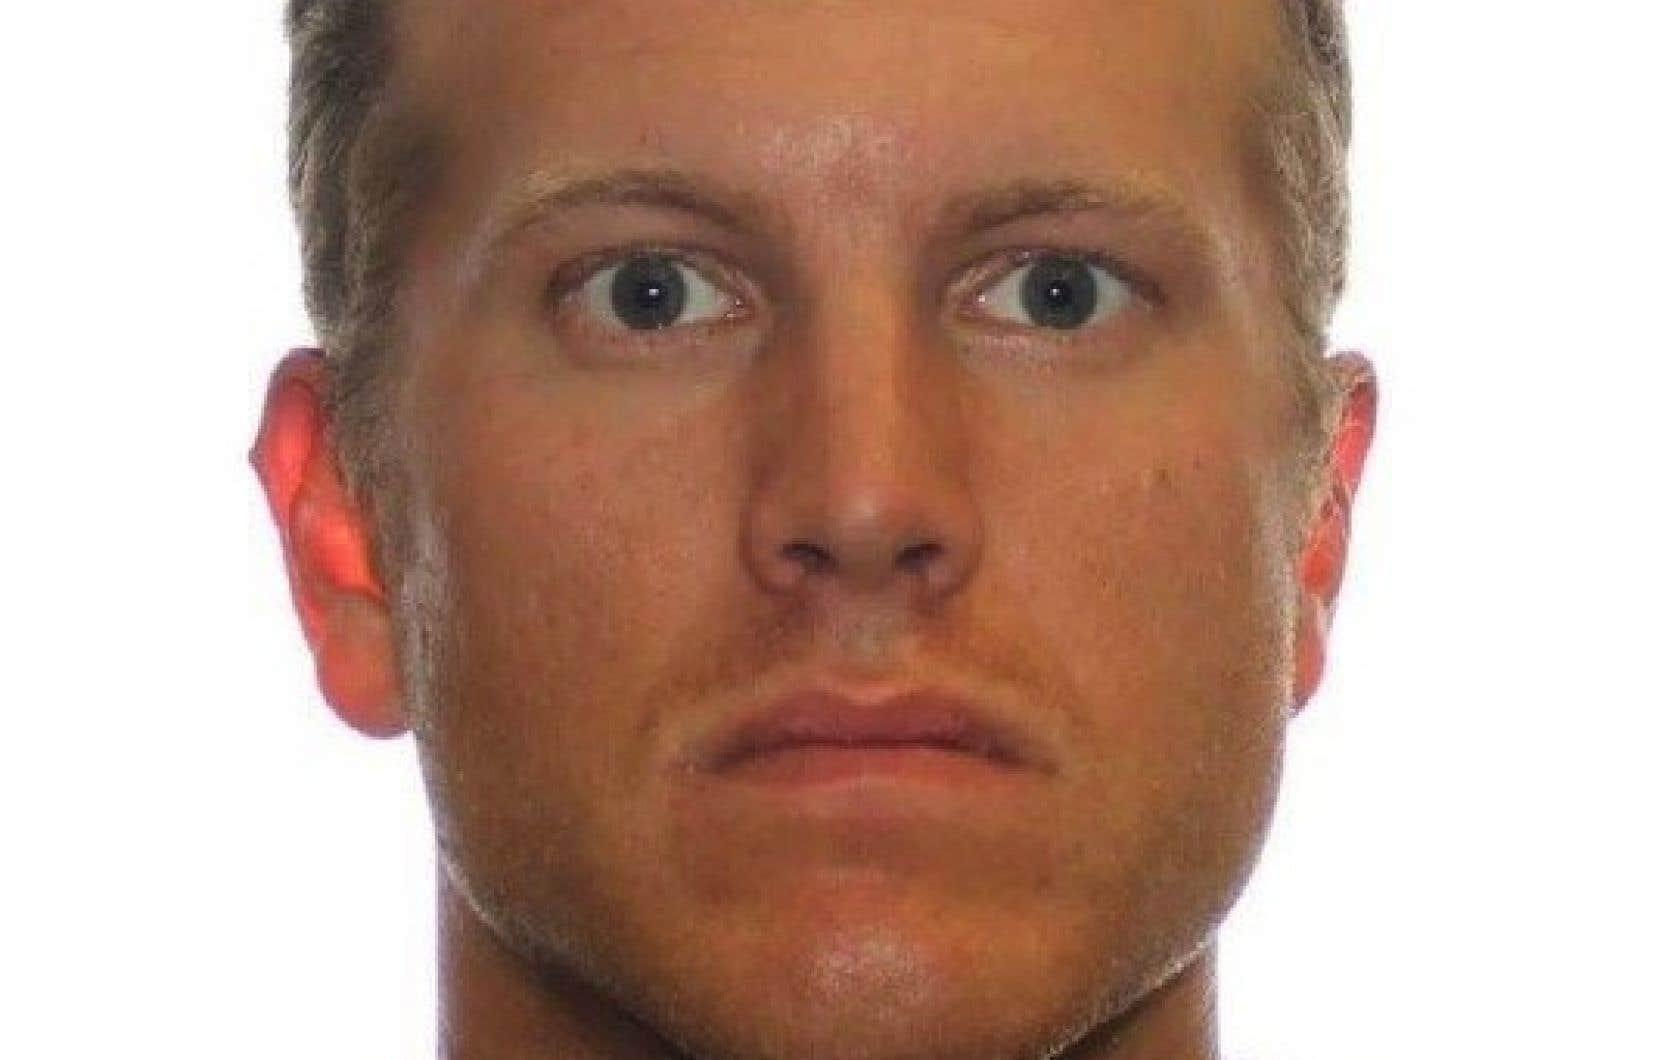 Patrik Mathews, âgé de 27ans, est détenu au Maryland depuis sont arrestation il y a un mois par la police fédérale américaine (FBI).